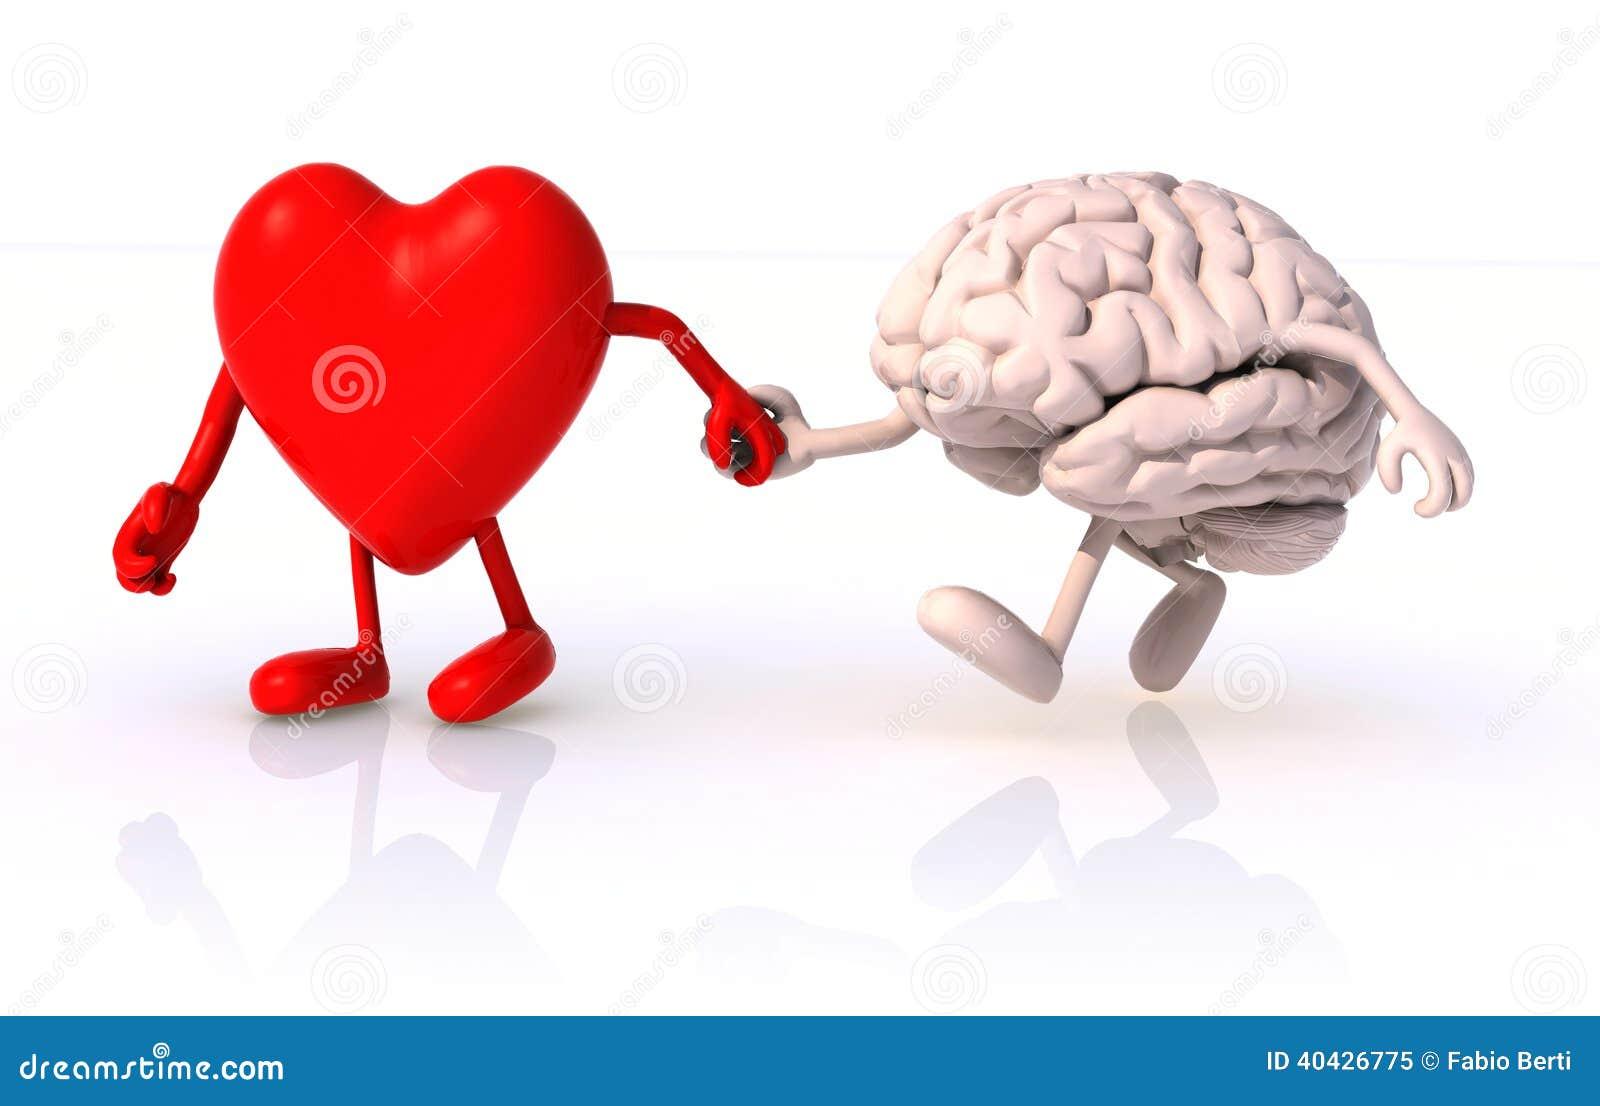 手拉手心脏和脑子